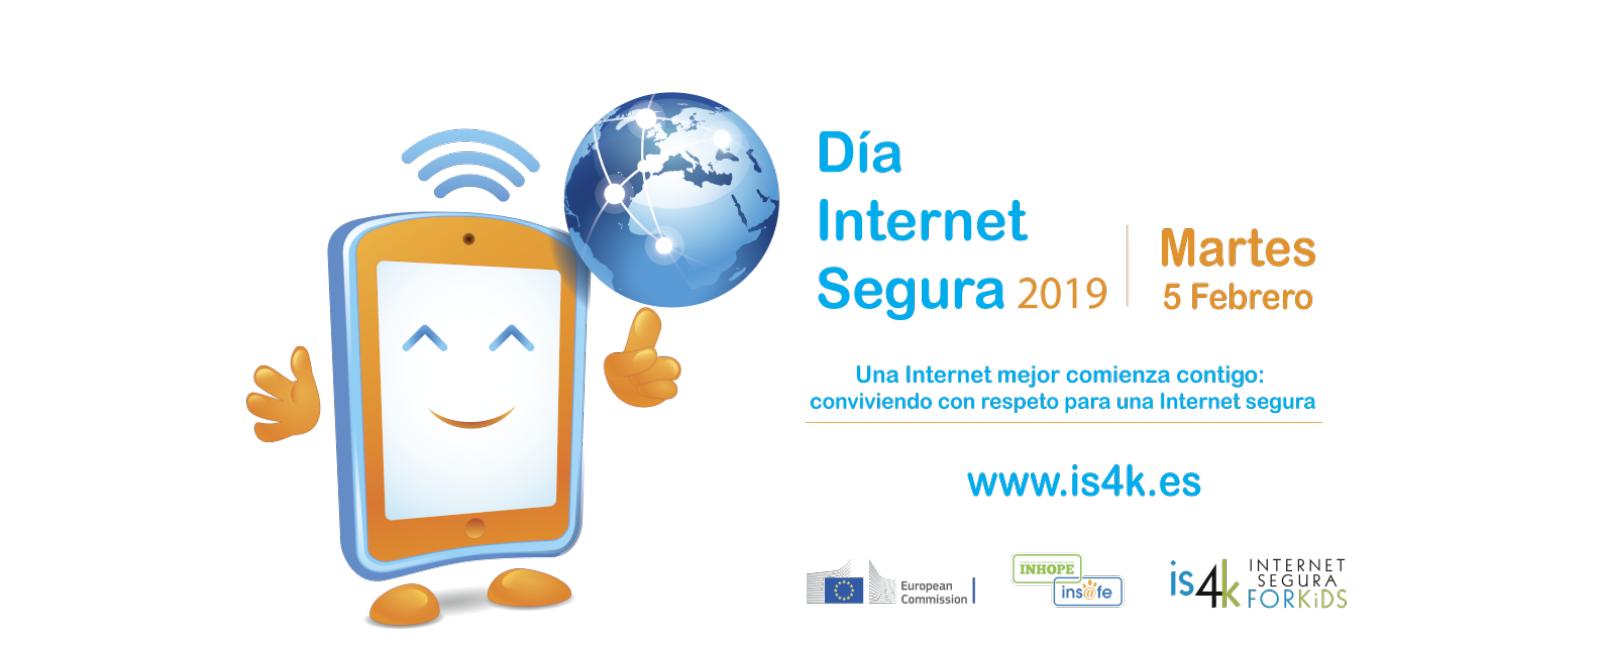 Día da internet Segura 2019.